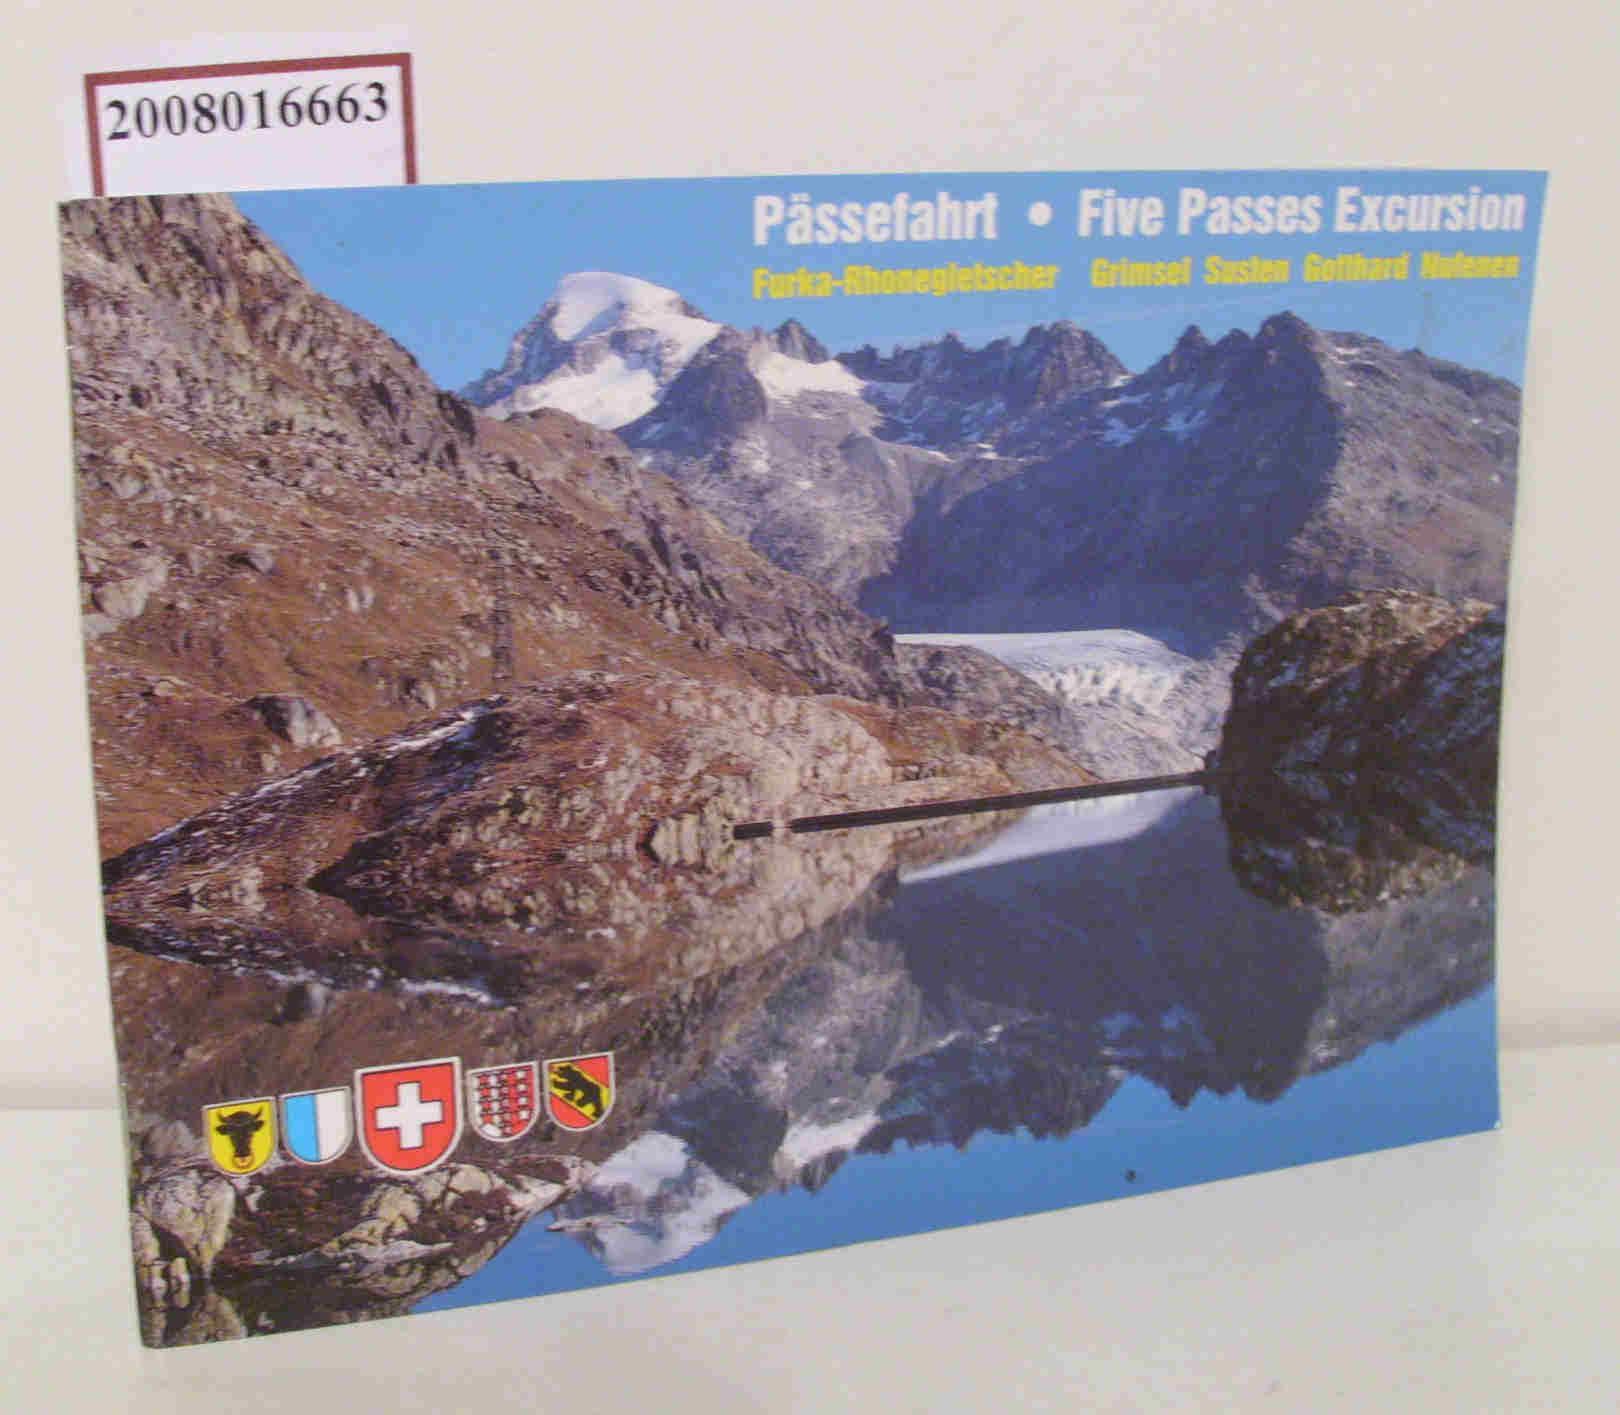 Pässefahrt, Five Passes Exkursion Furka-Rhonegletscher, Grimsel Susten, Gotthard Nufenen